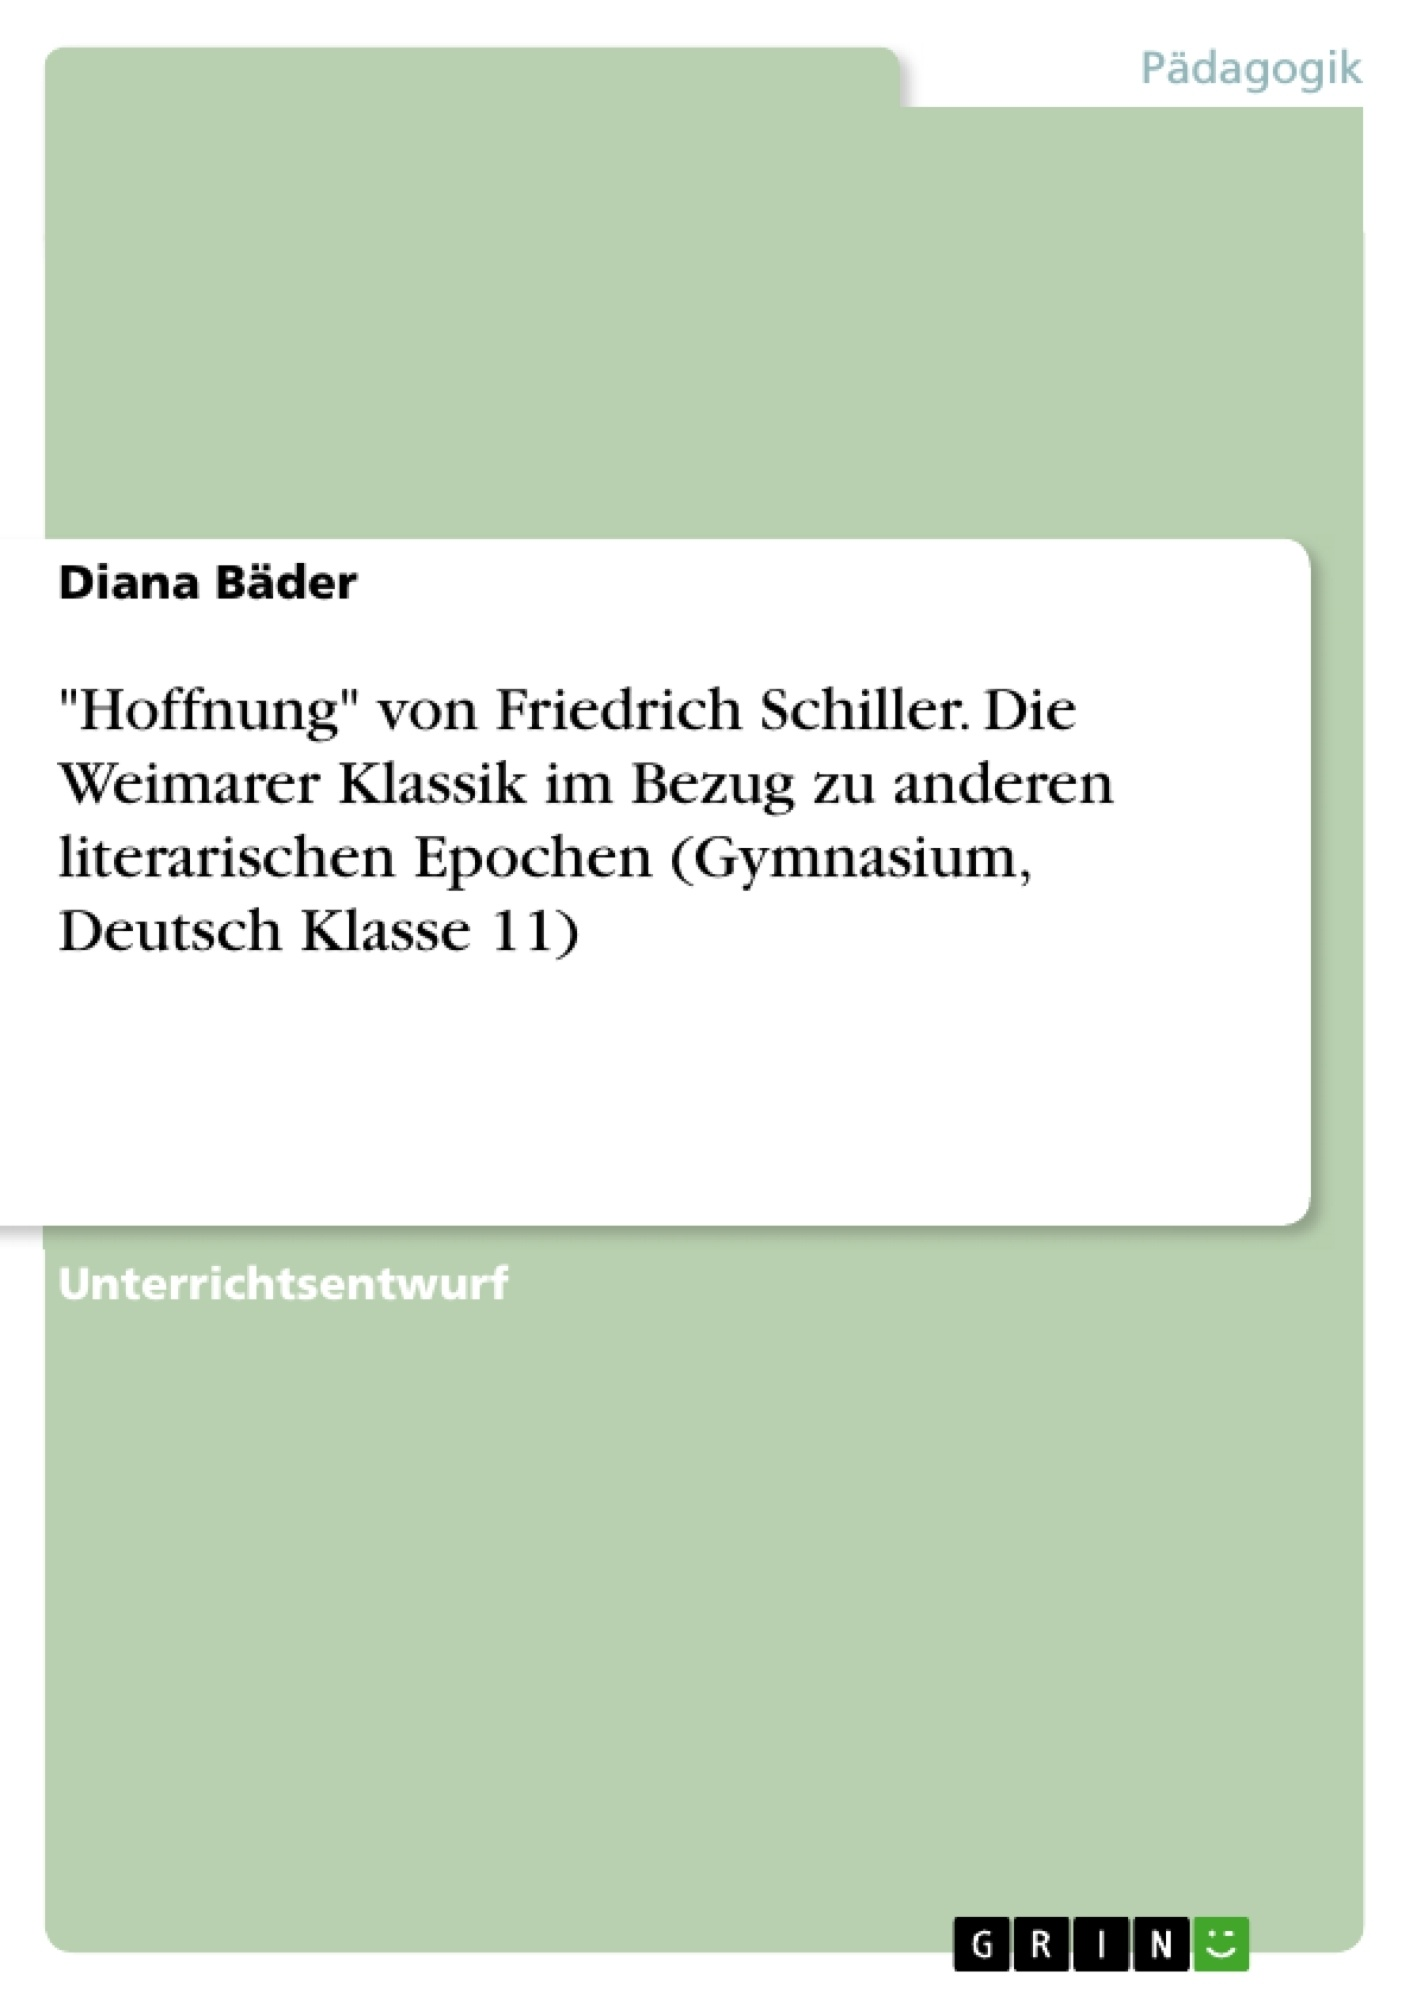 """Titel: """"Hoffnung"""" von Friedrich Schiller. Die Weimarer Klassik im Bezug zu anderen literarischen Epochen (Gymnasium, Deutsch Klasse 11)"""